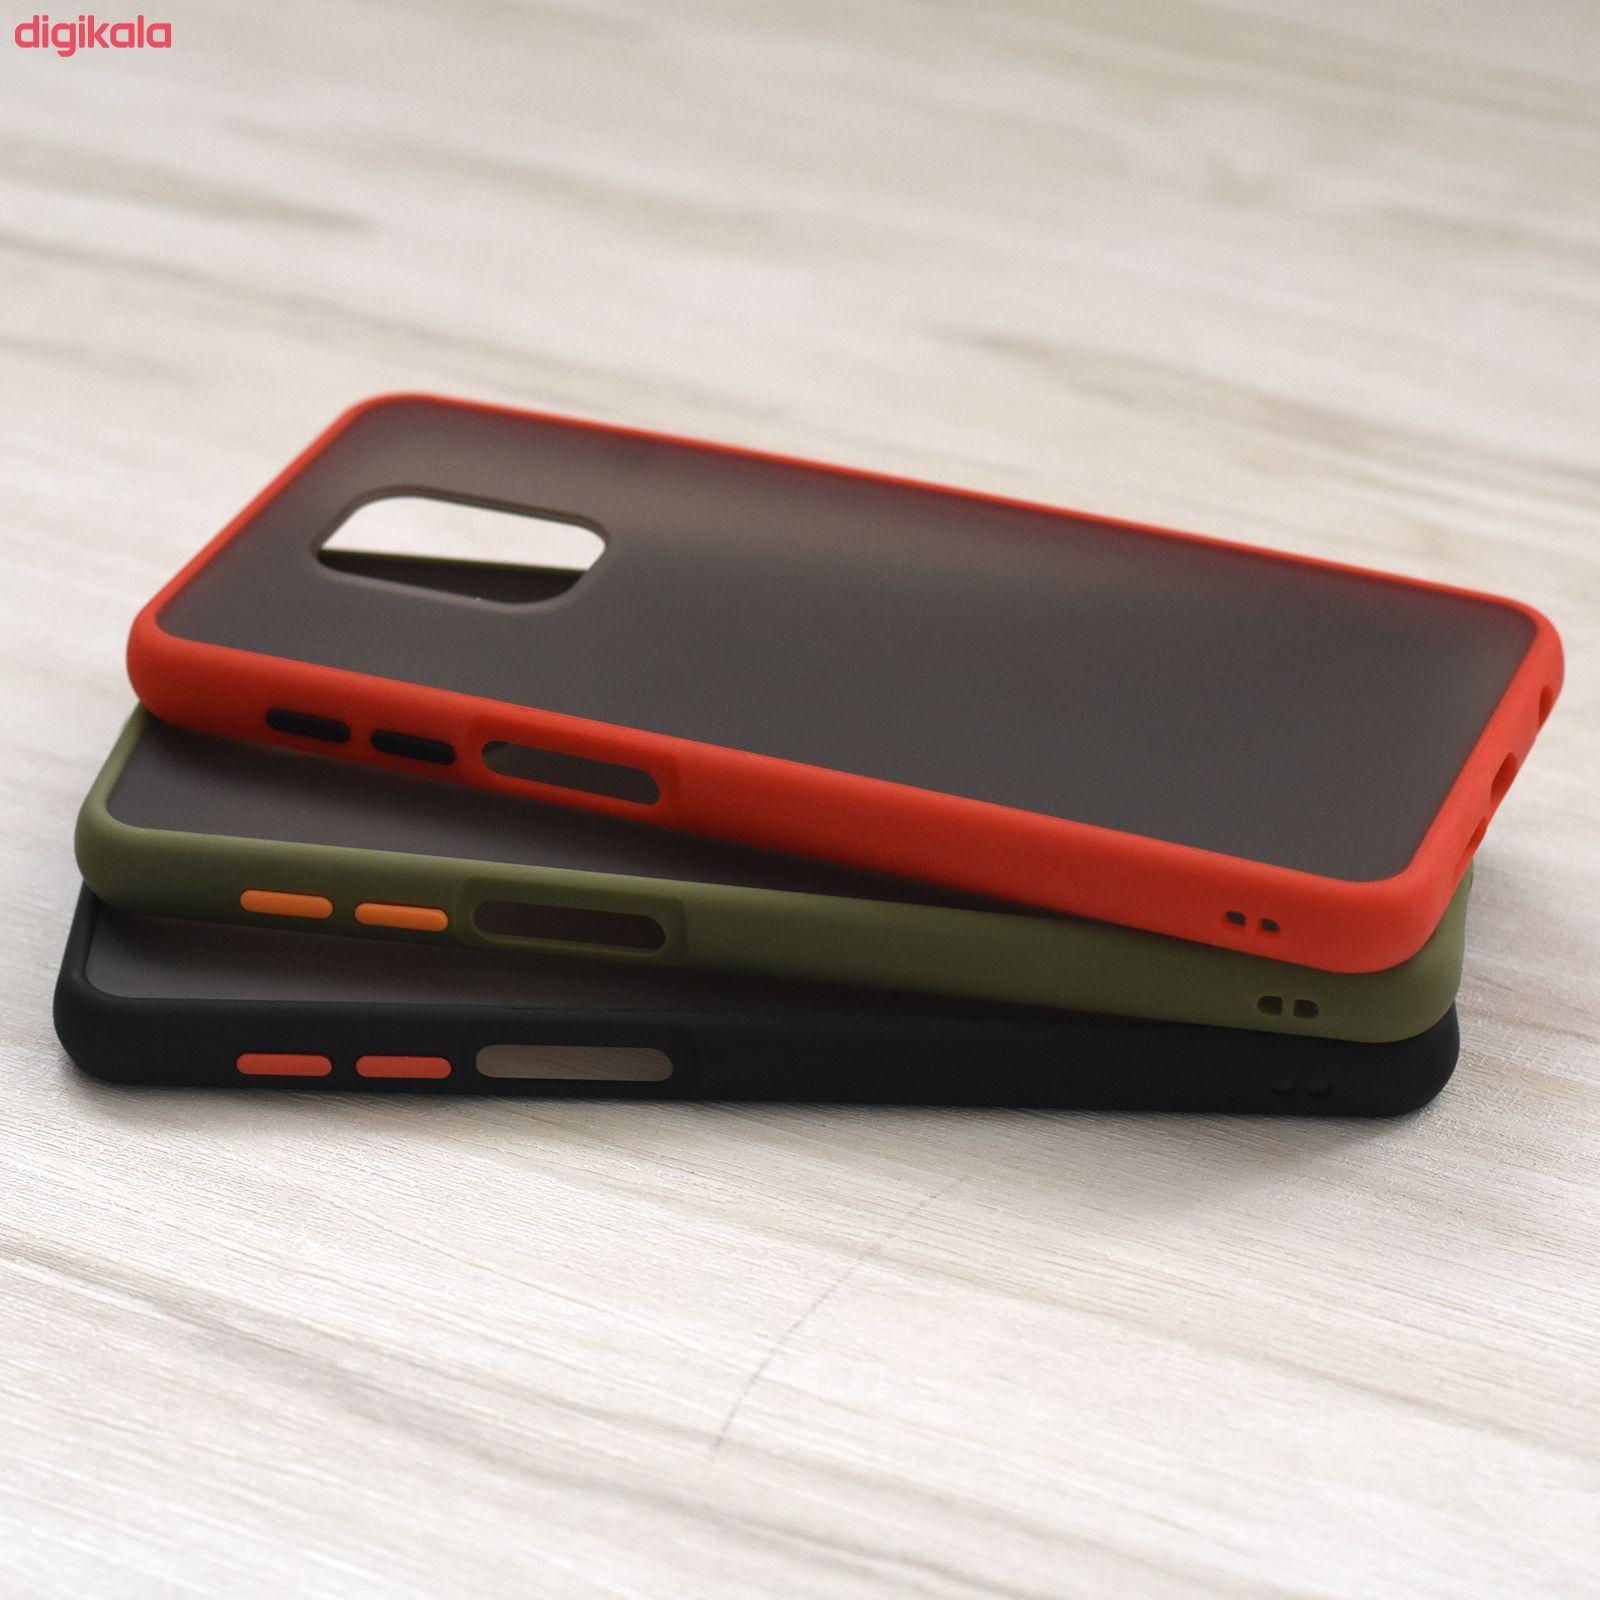 کاور مدل Slico01 مناسب برای گوشی موبایل شیائومی Redmi Note 9S / 9 Pro main 1 4